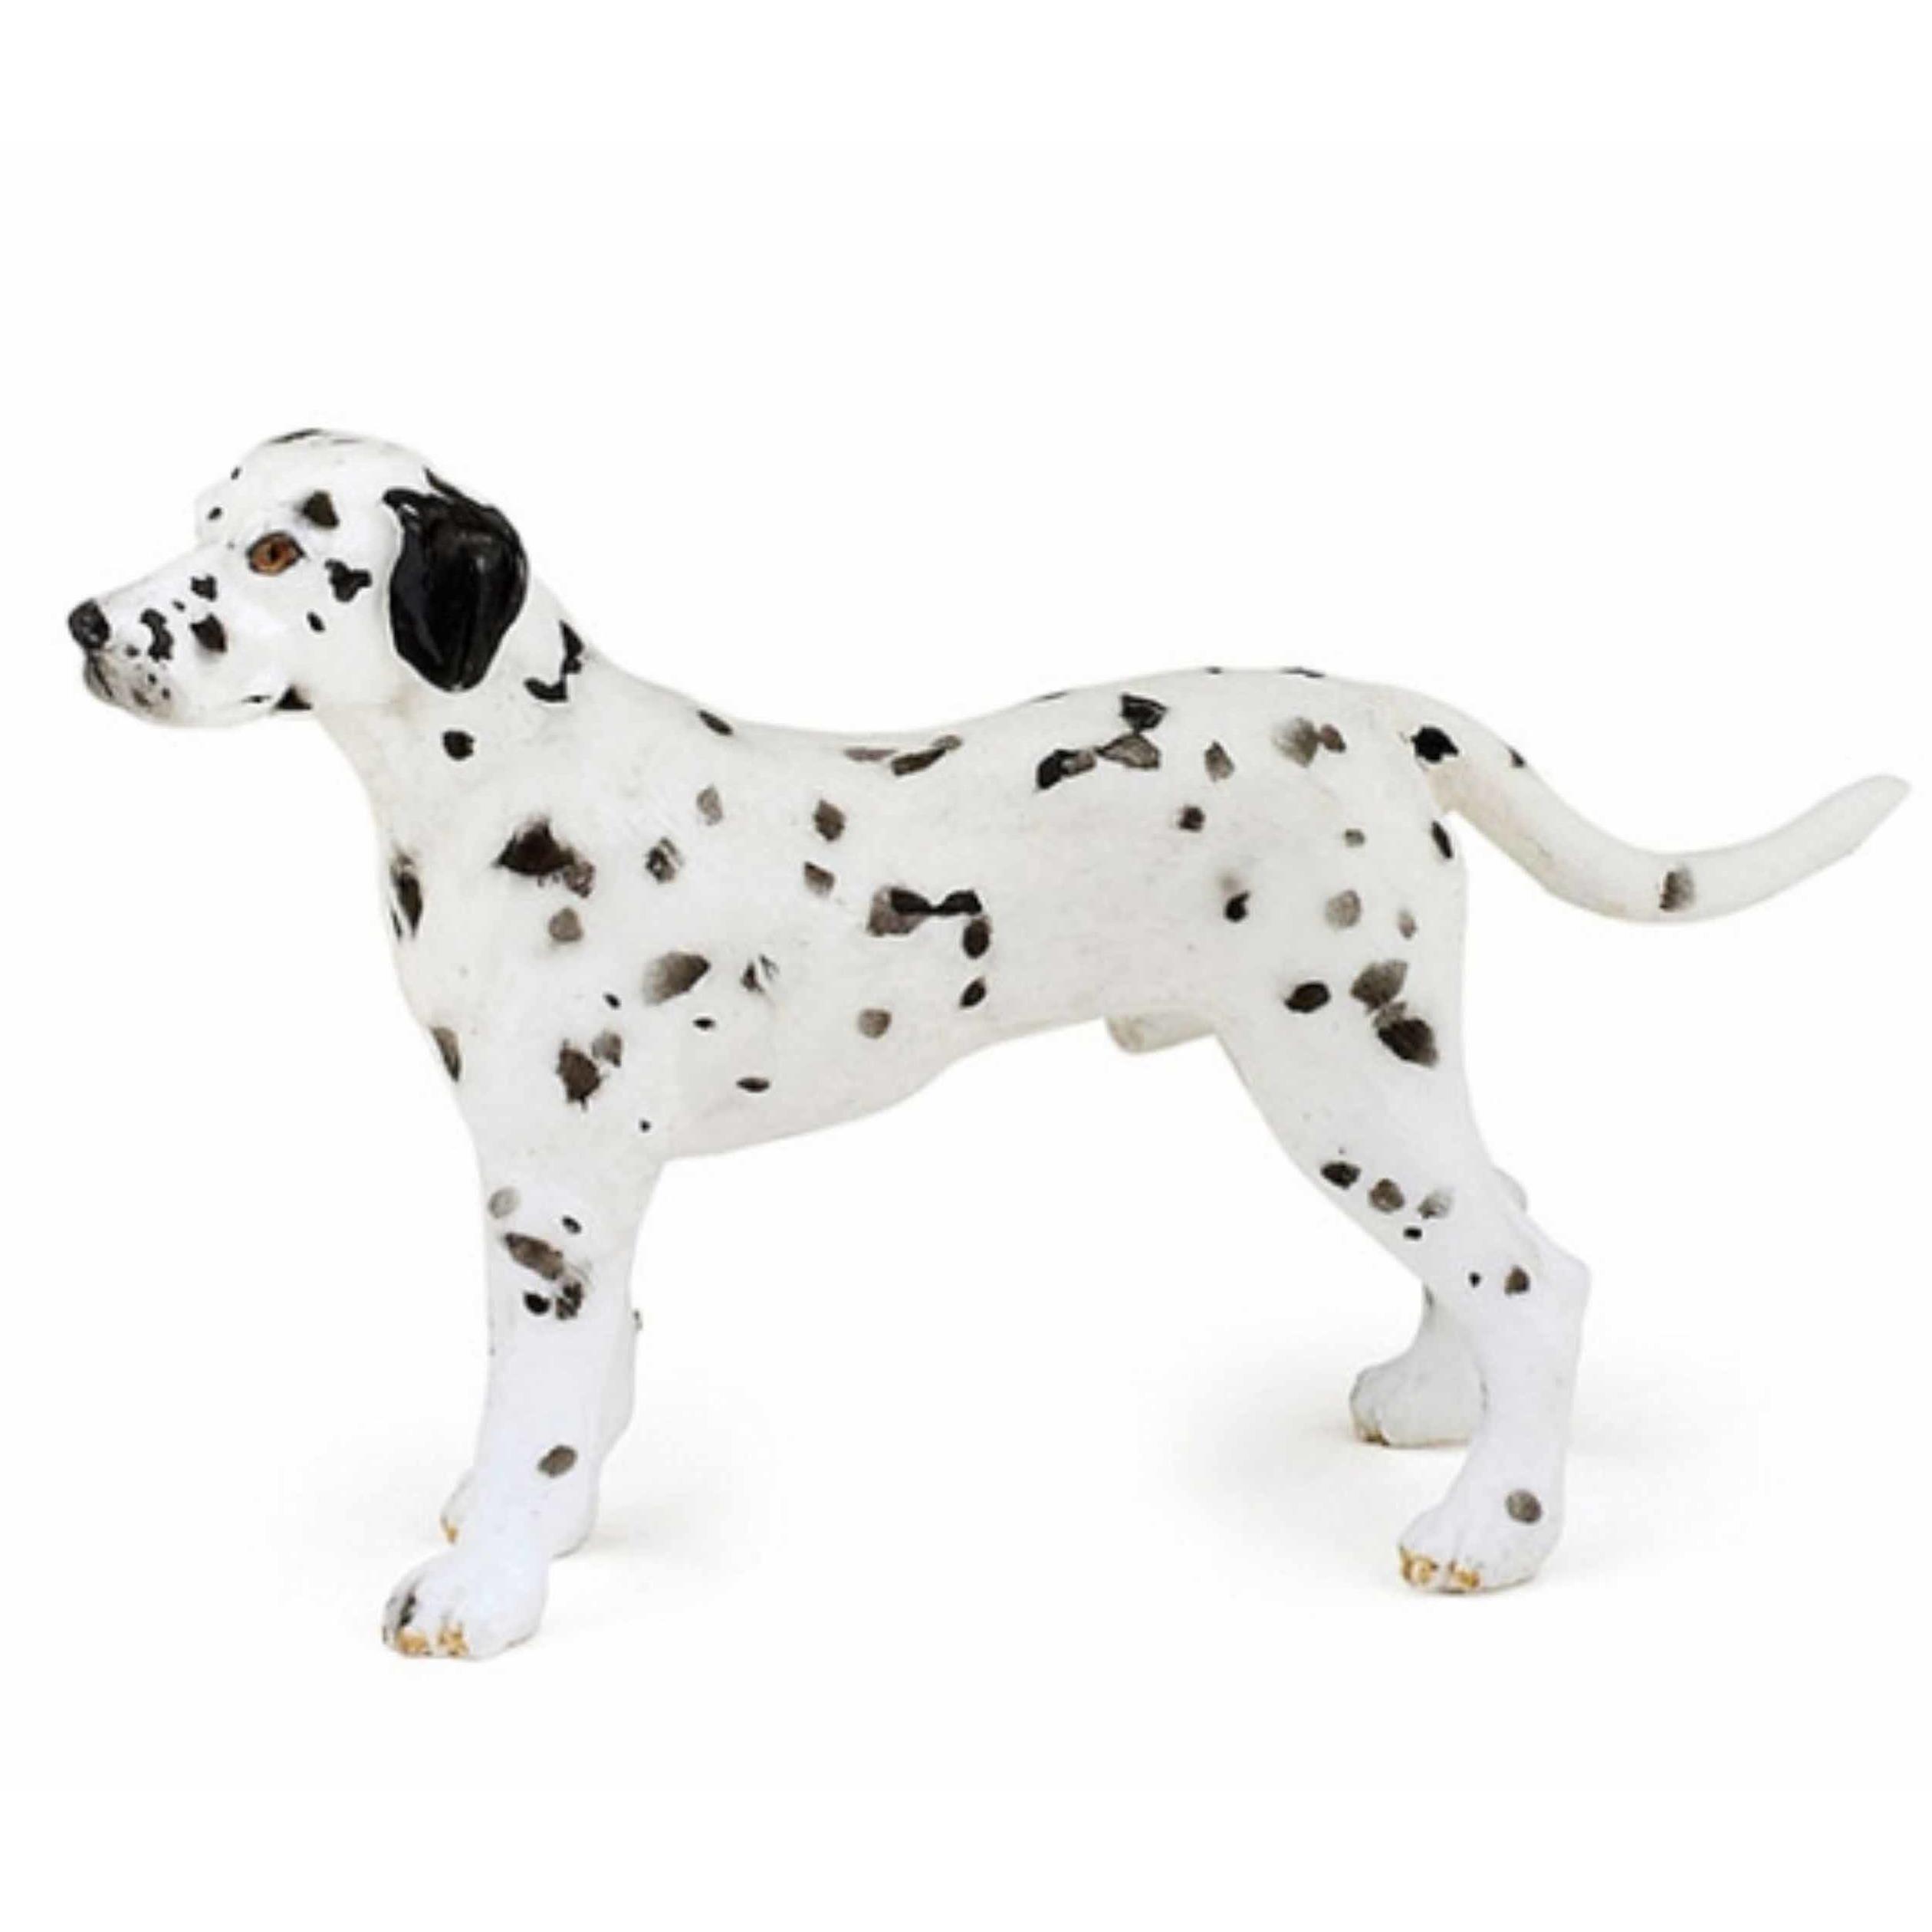 Image of Plastic dalmatier 10 cm